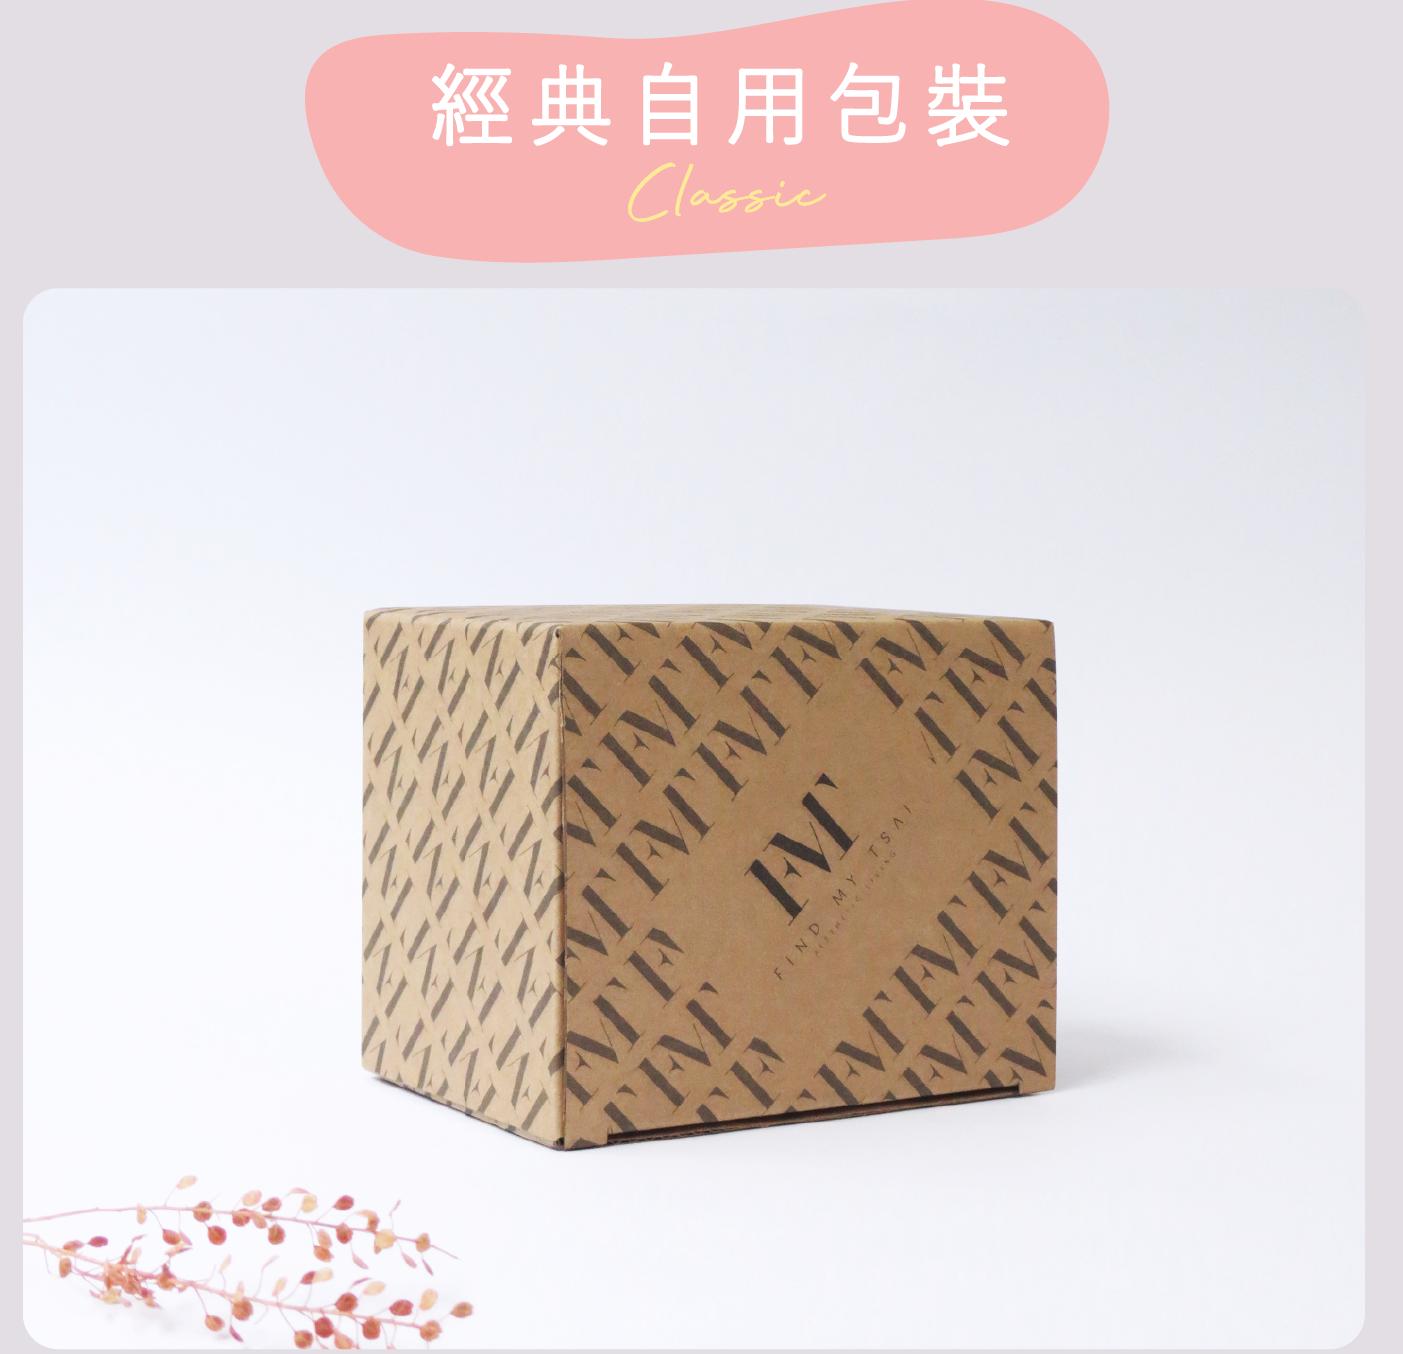 包裝方式:一杯一牛皮盒